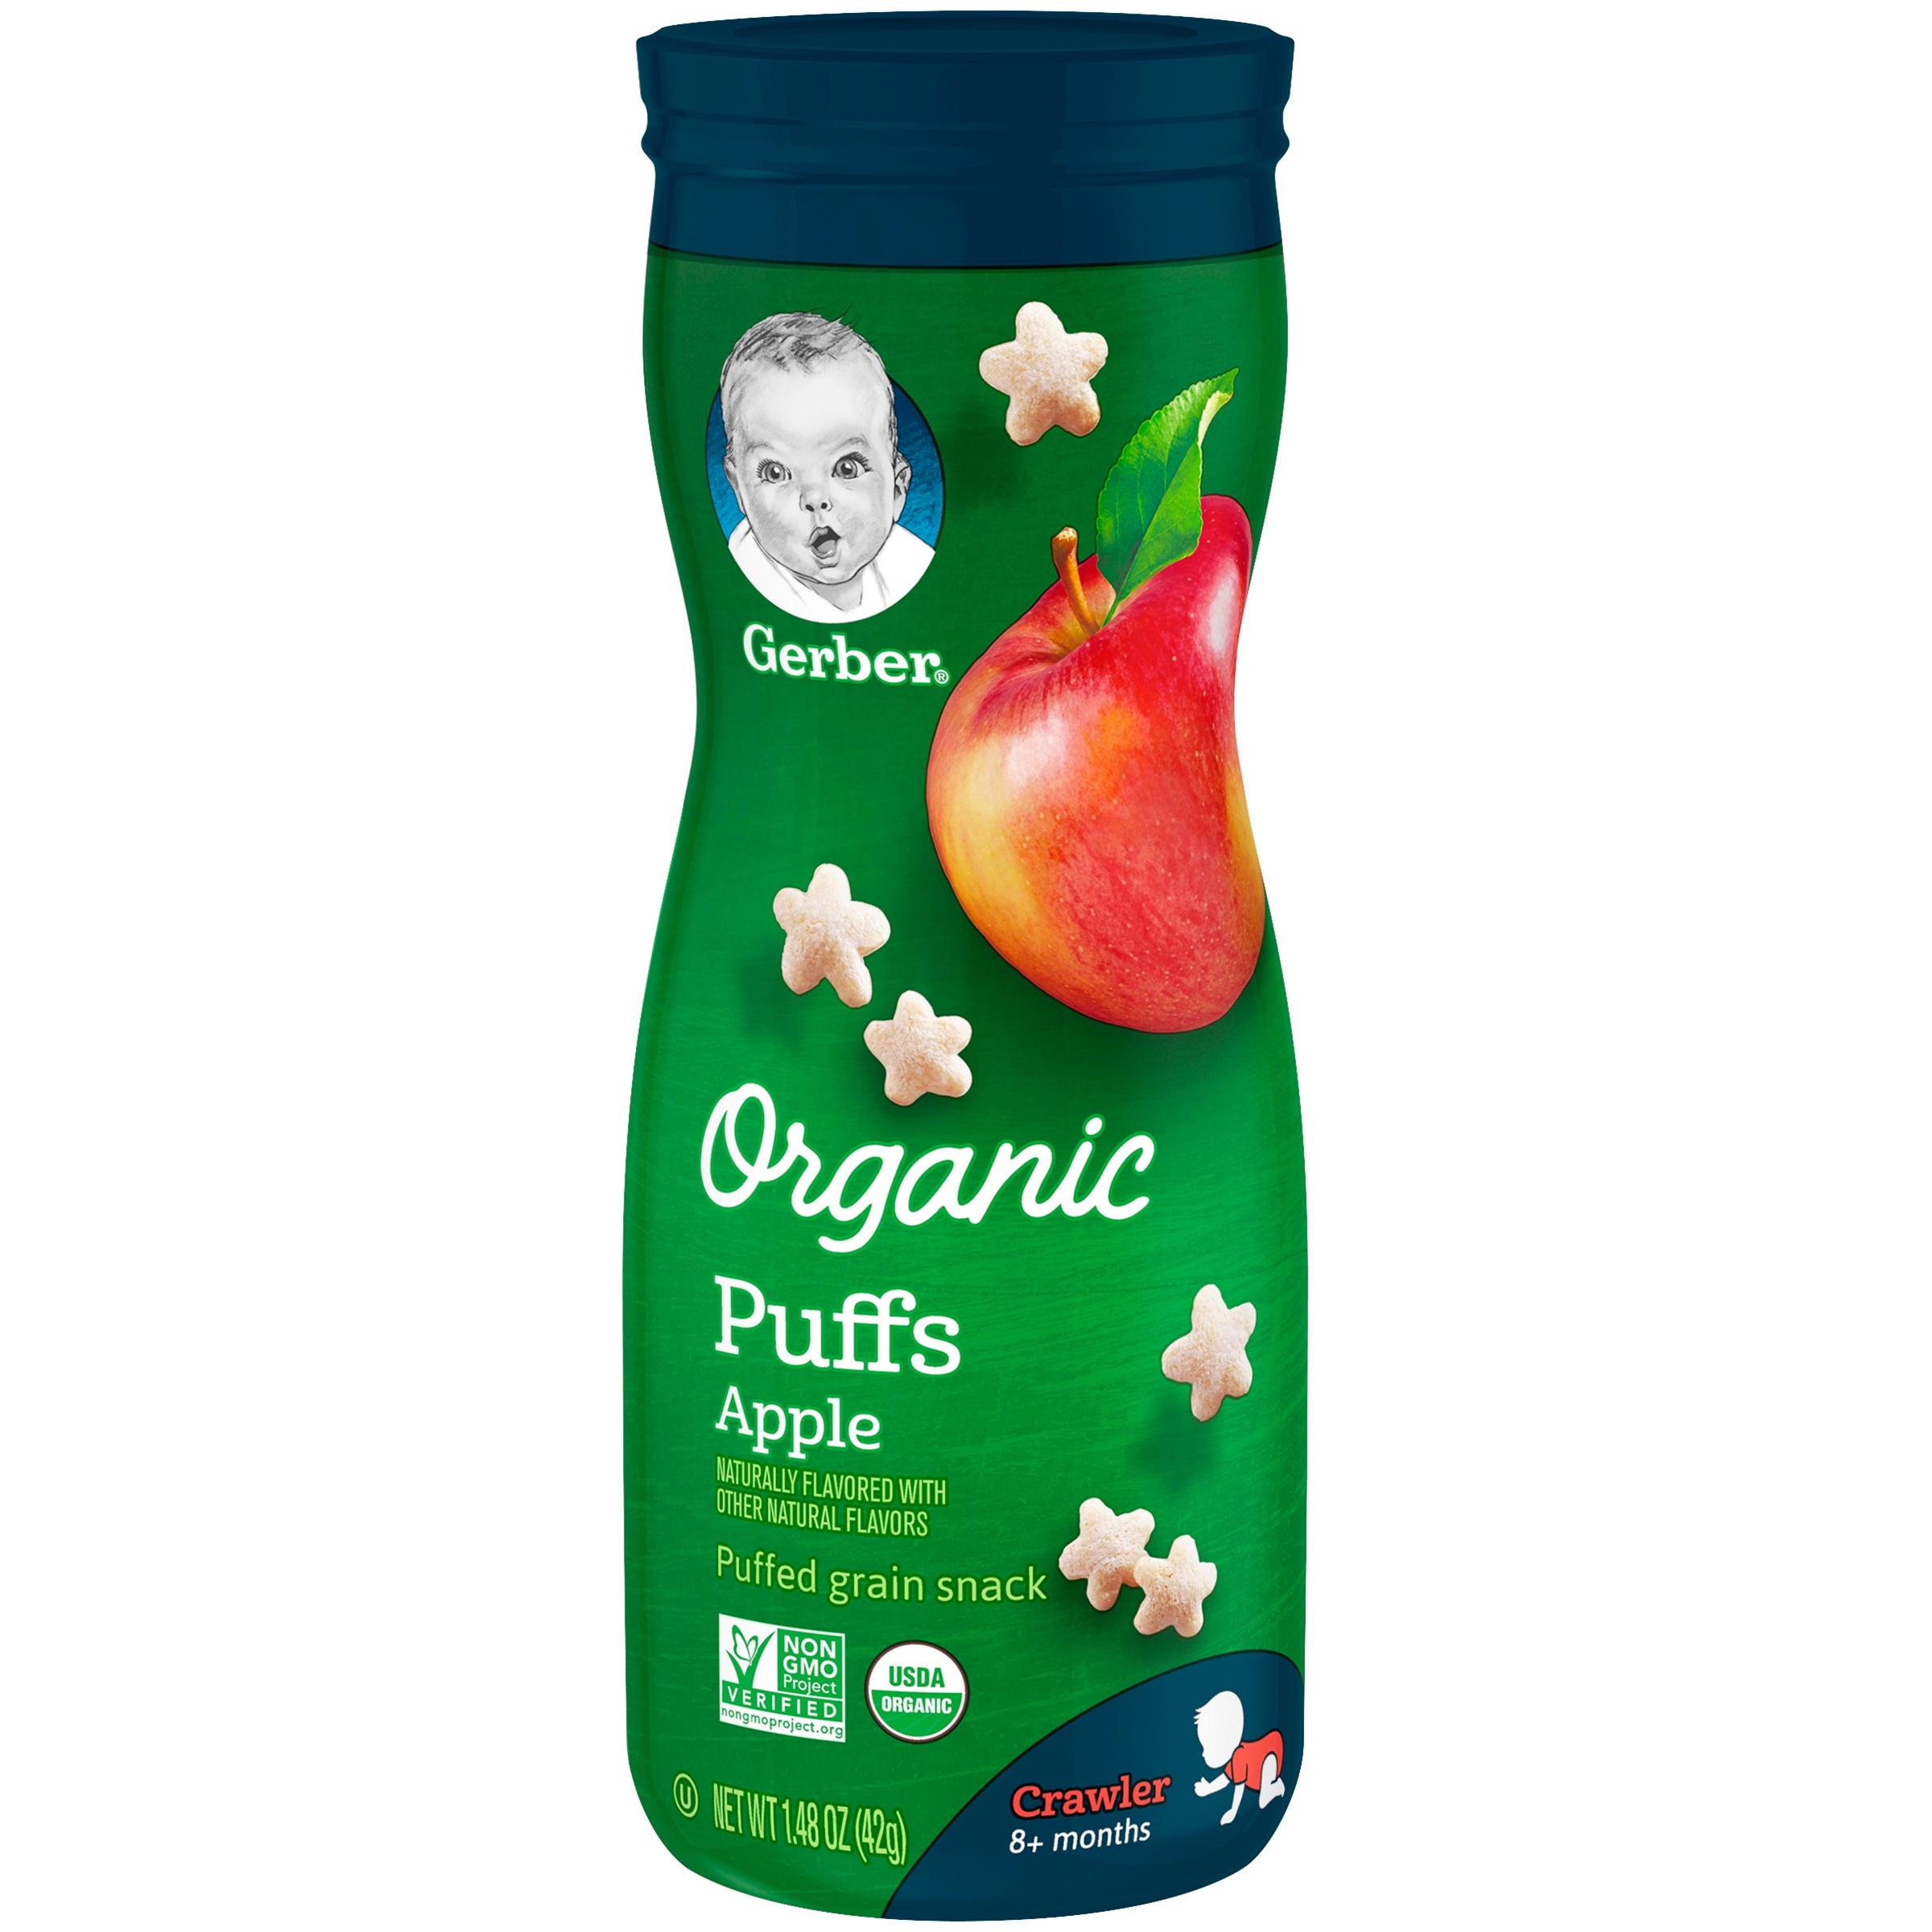 Gerber Organic Puffs, Apple, 1.48 oz.